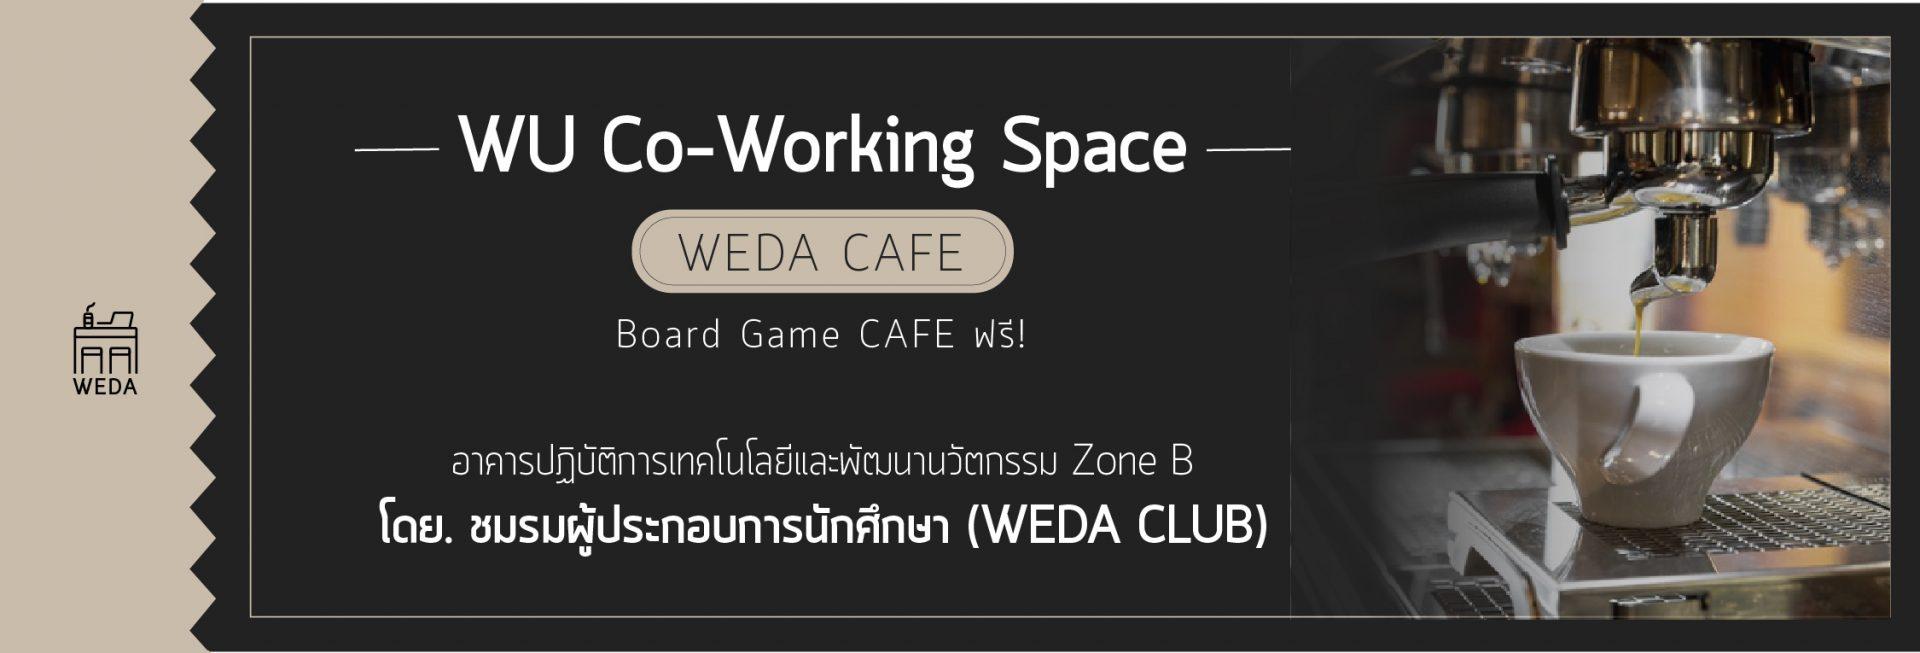 WEDA CAFE Slide2-01